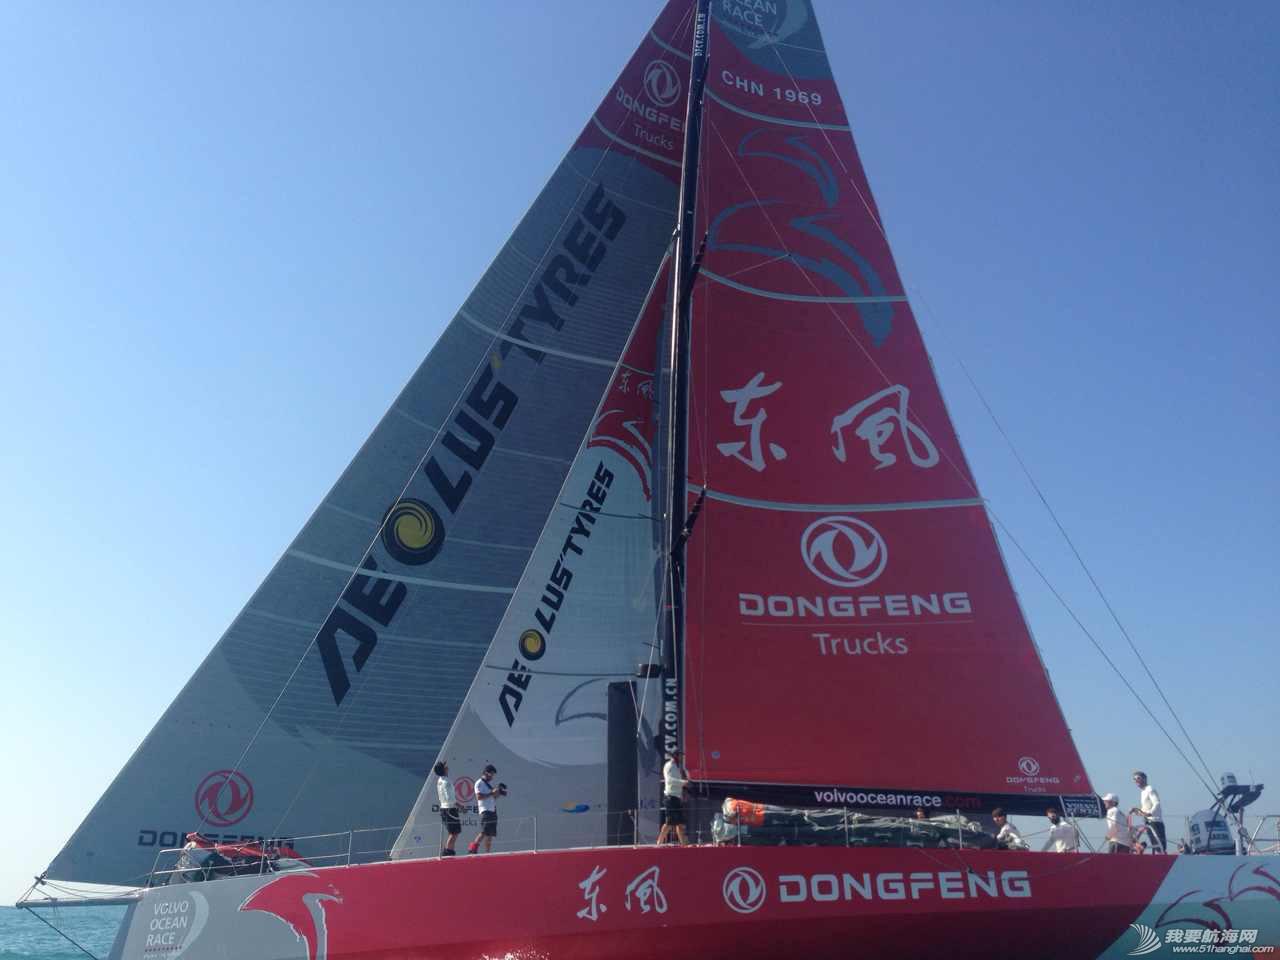 积分榜,北京时间,沃尔沃,阿布扎比,比赛结果 第二赛段东风队十几分钟之差屈居第二,布鲁内尔队获第一 沃尔沃环球帆船赛前线报道 东风队英姿